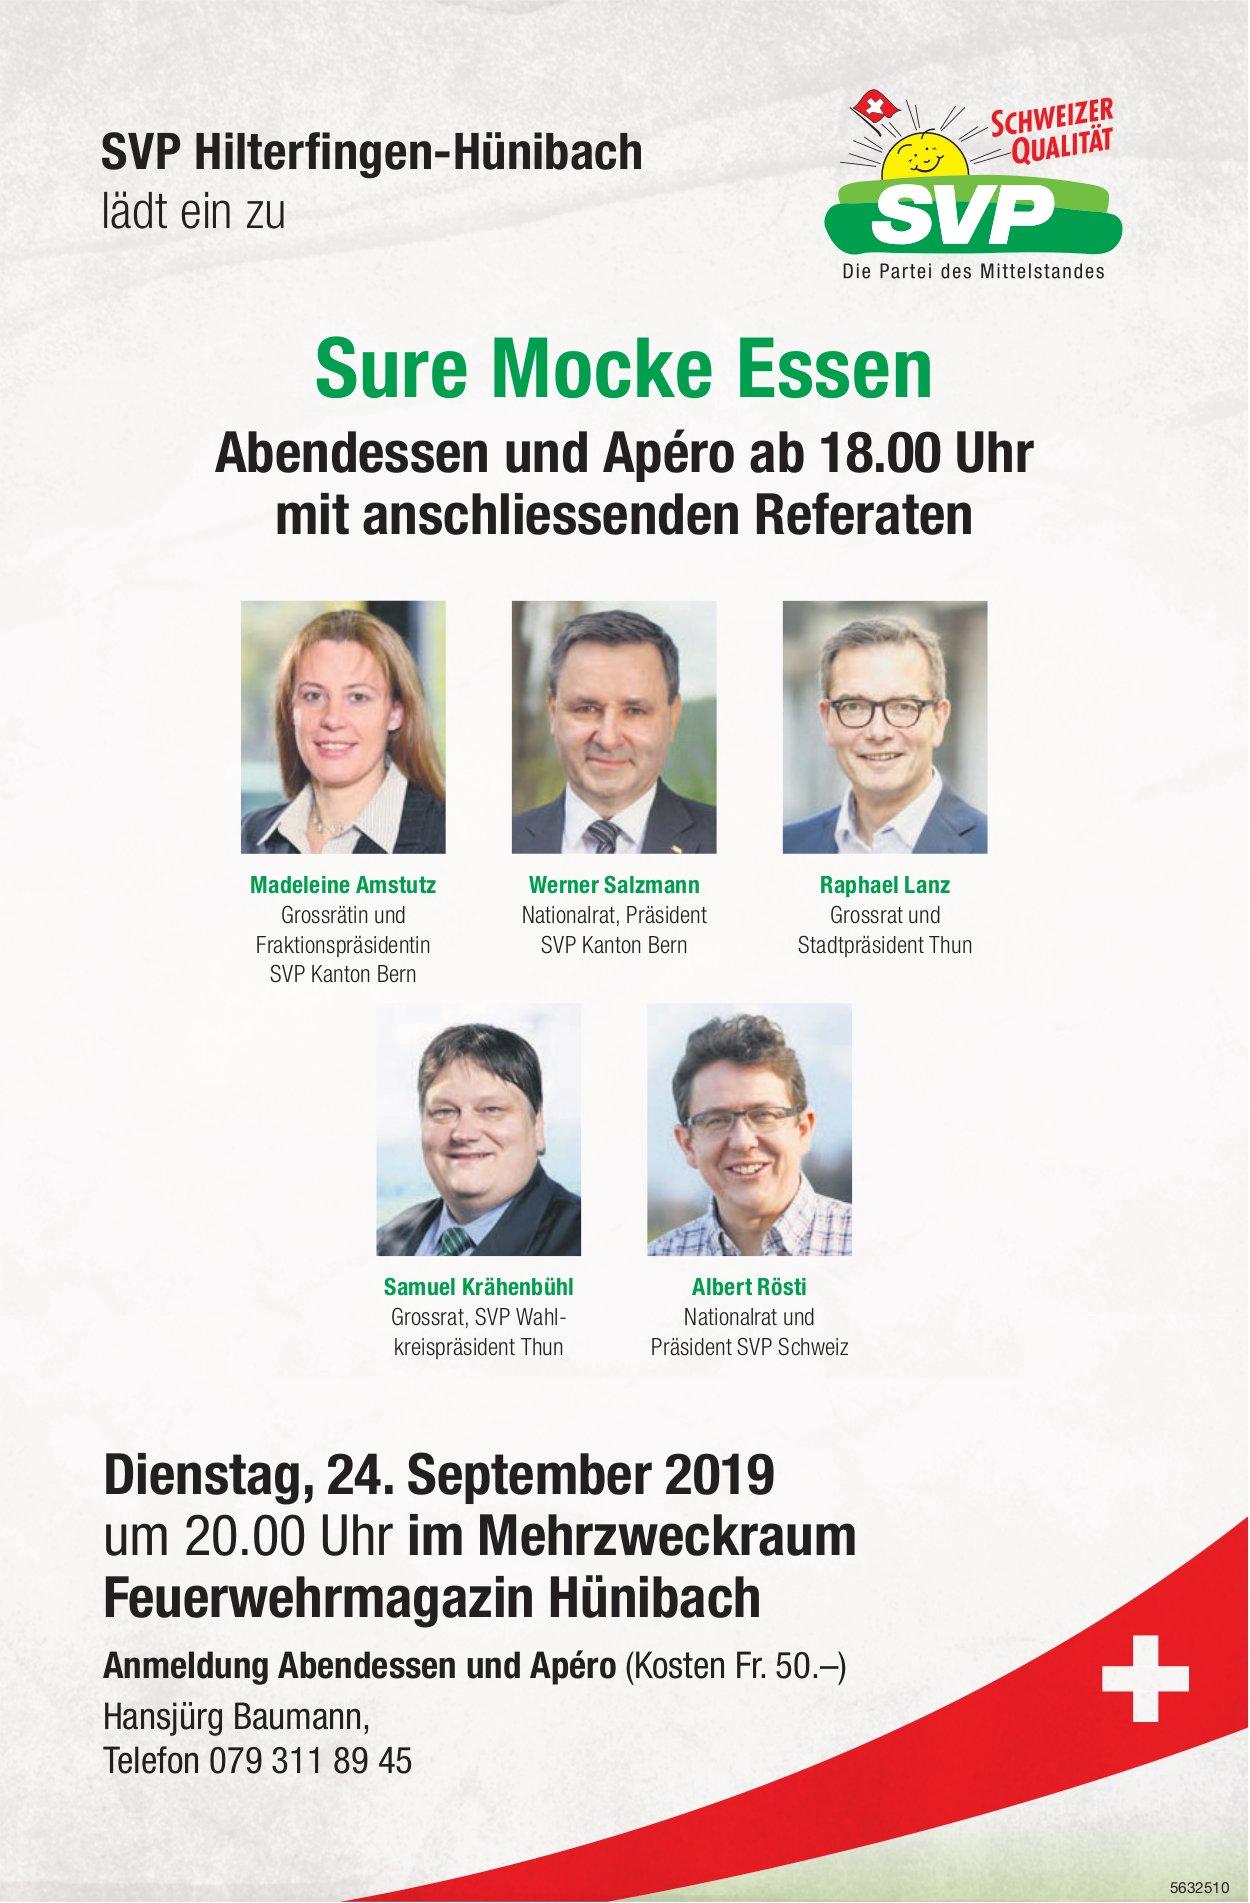 SVP Hilterfingen-Hünibach lädt ein zu Sure Mocke Essen Sure Mocke Essen am 24. September